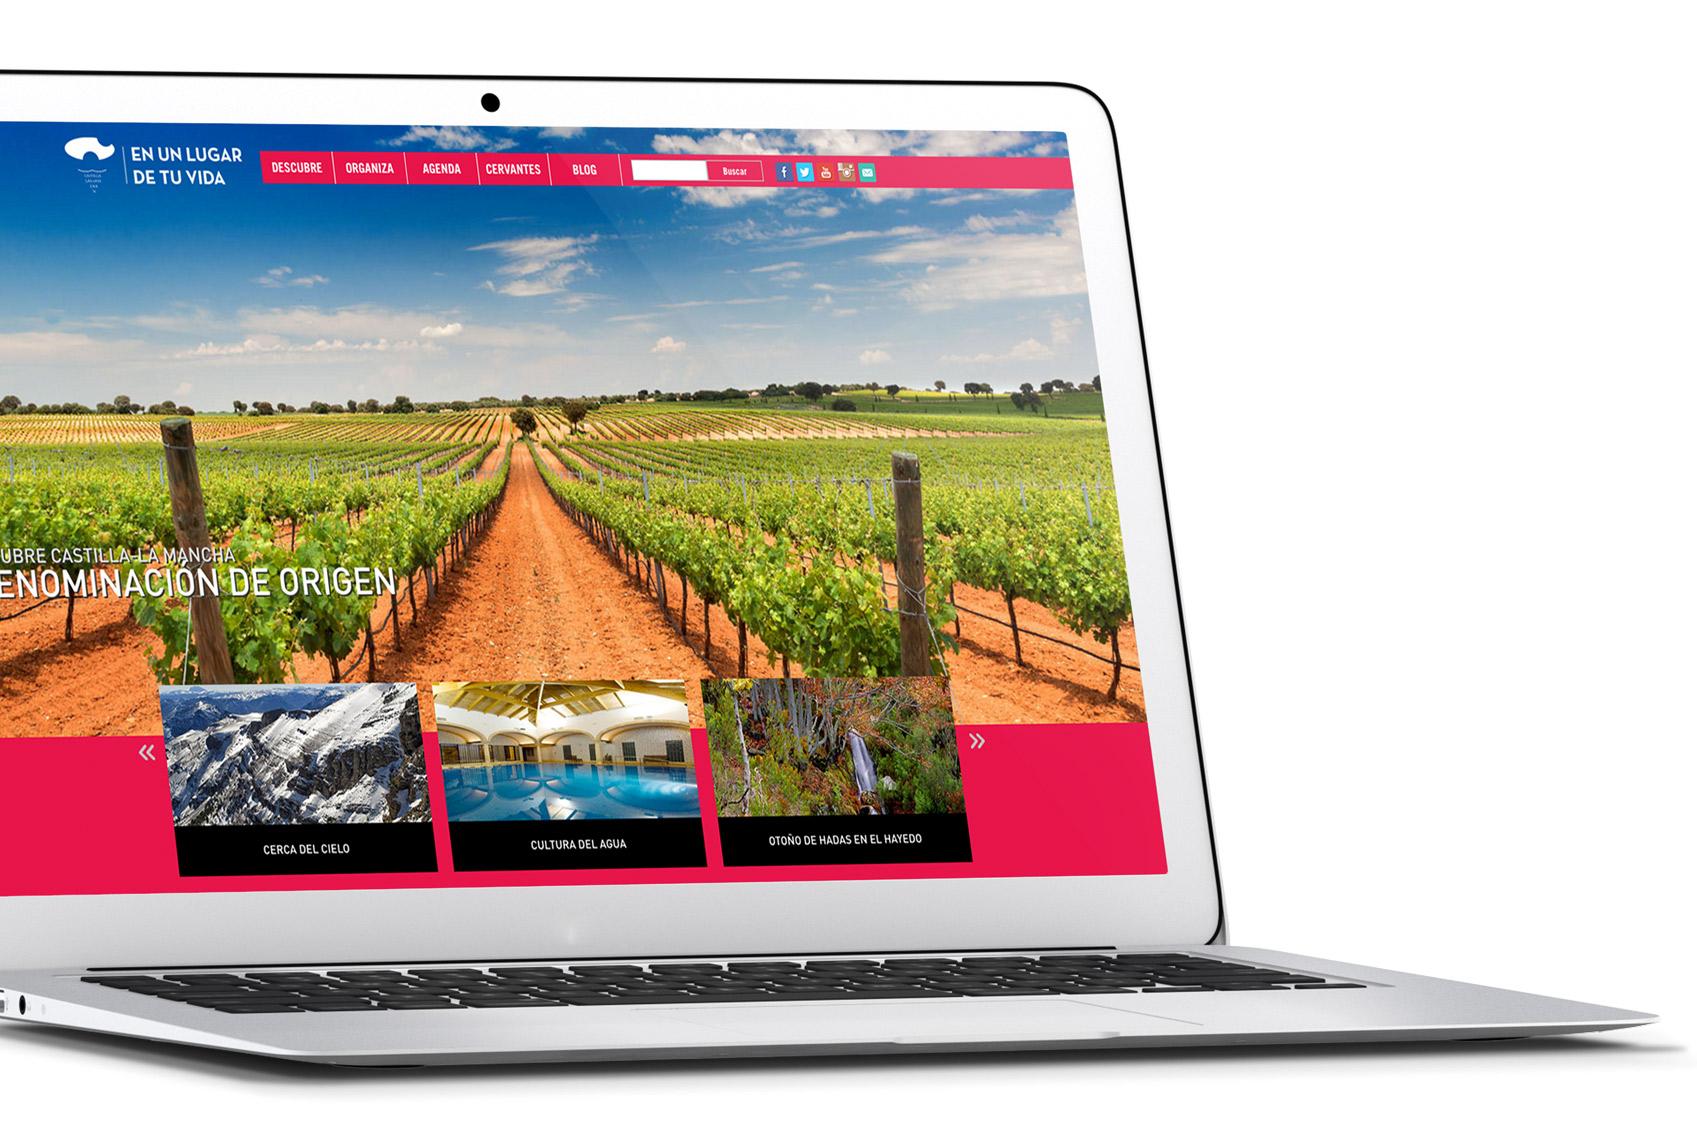 Descubre Castilla la Mancha de la mano del mejor recorrido documentado en una sola web.